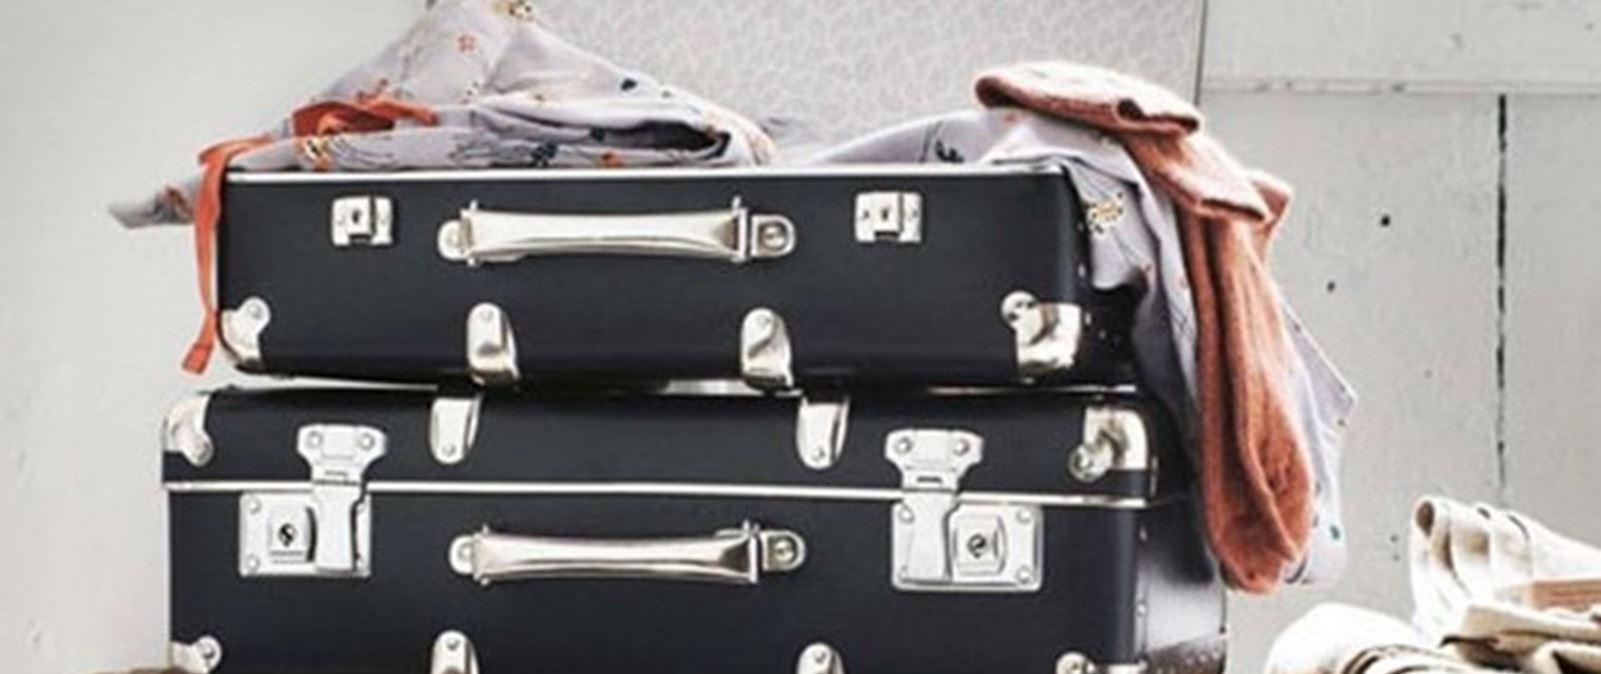 1c2a3d3c6b86 Τα μυστικά της τέλειας βαλίτσας